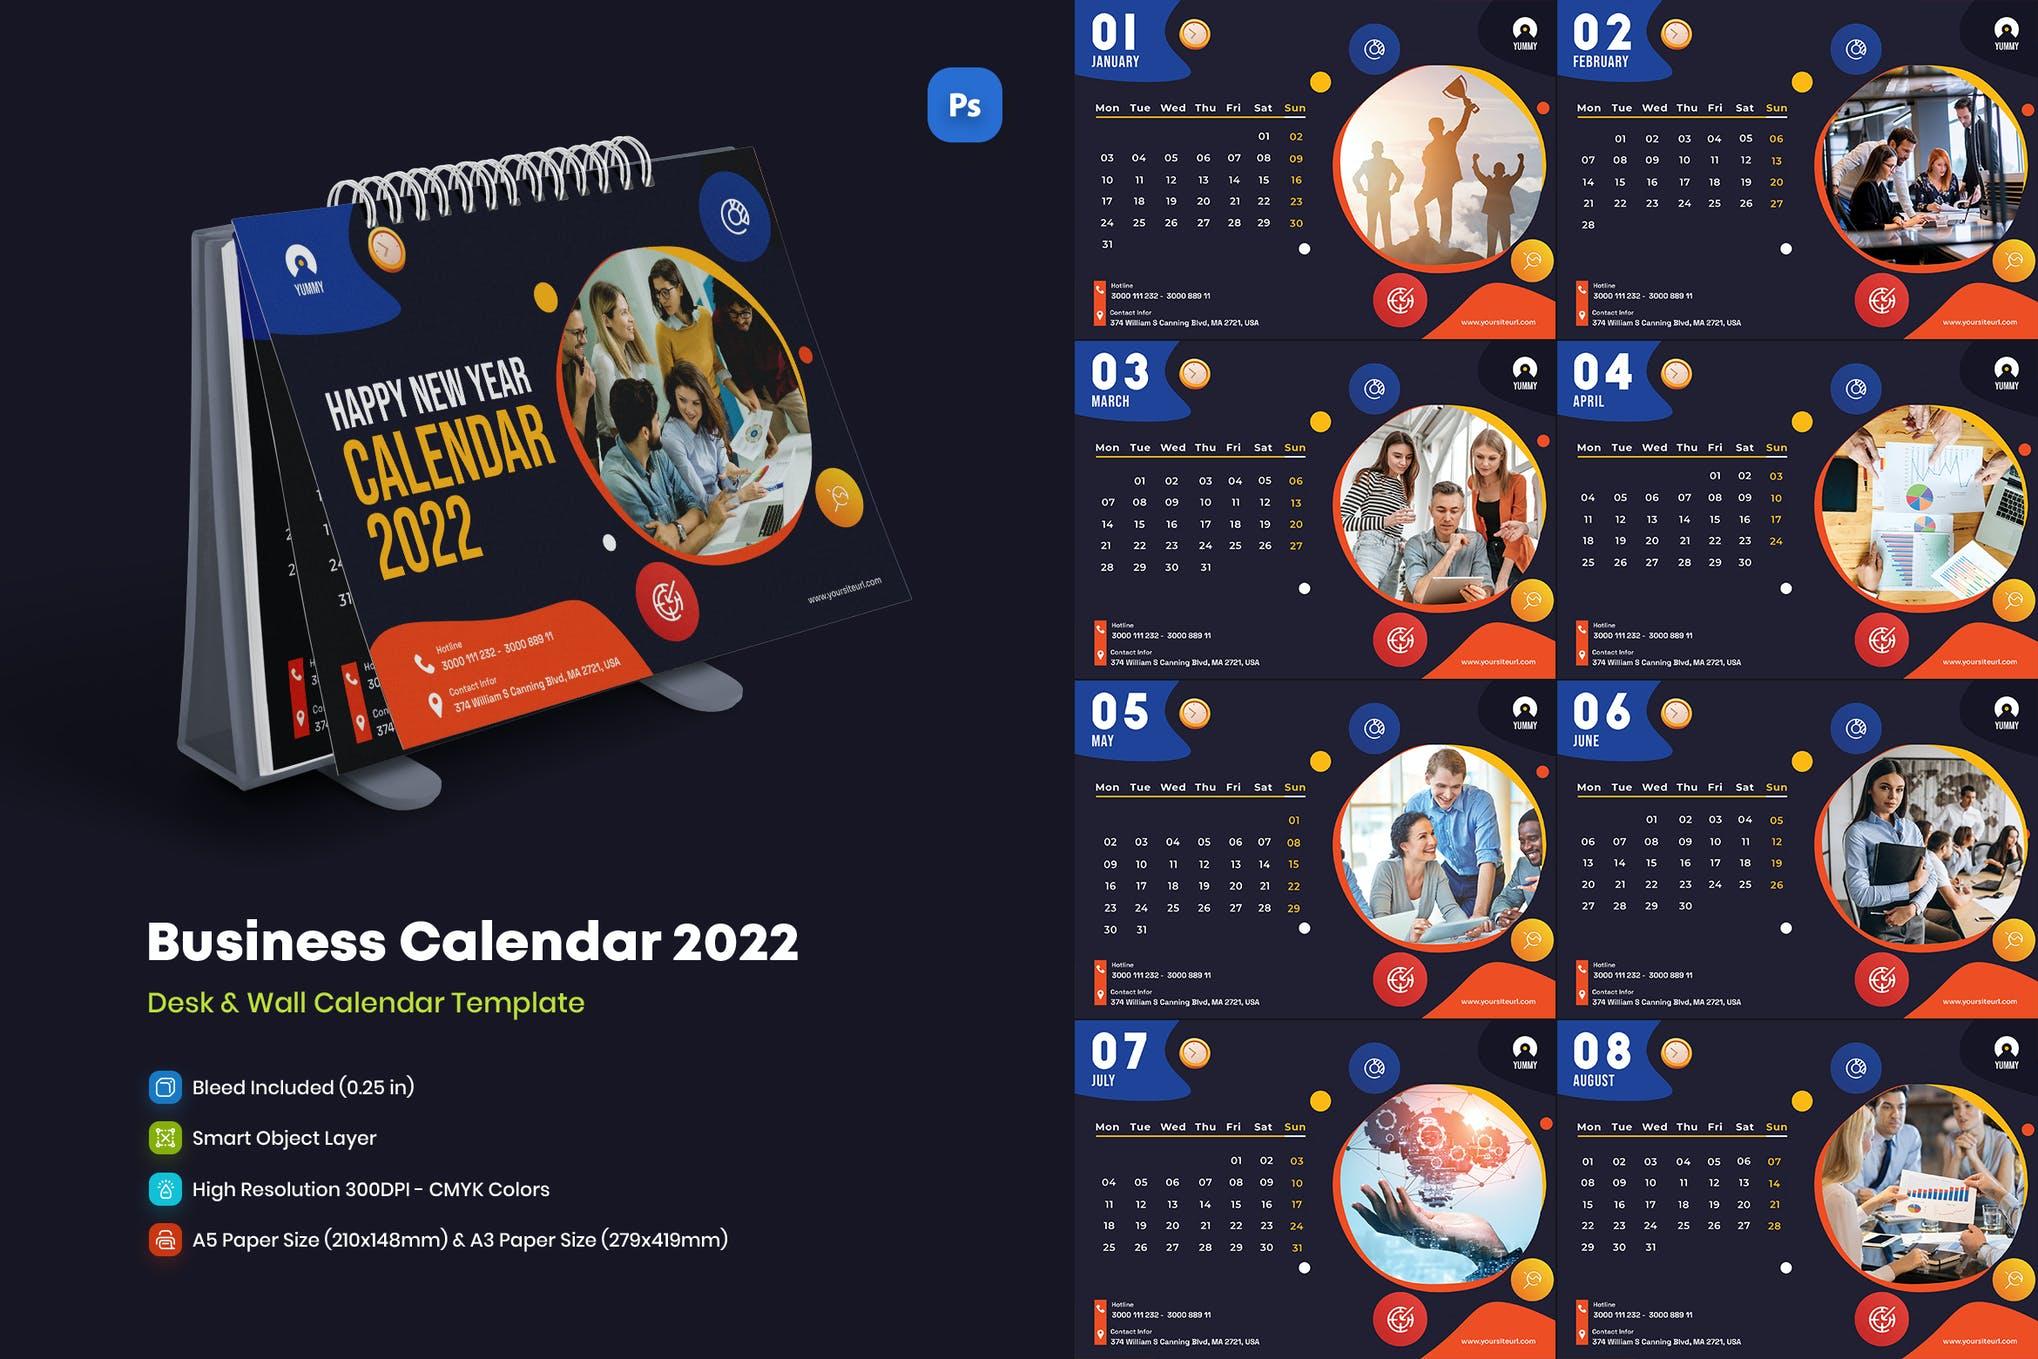 壁挂式和办公桌式2022年公司日历模板